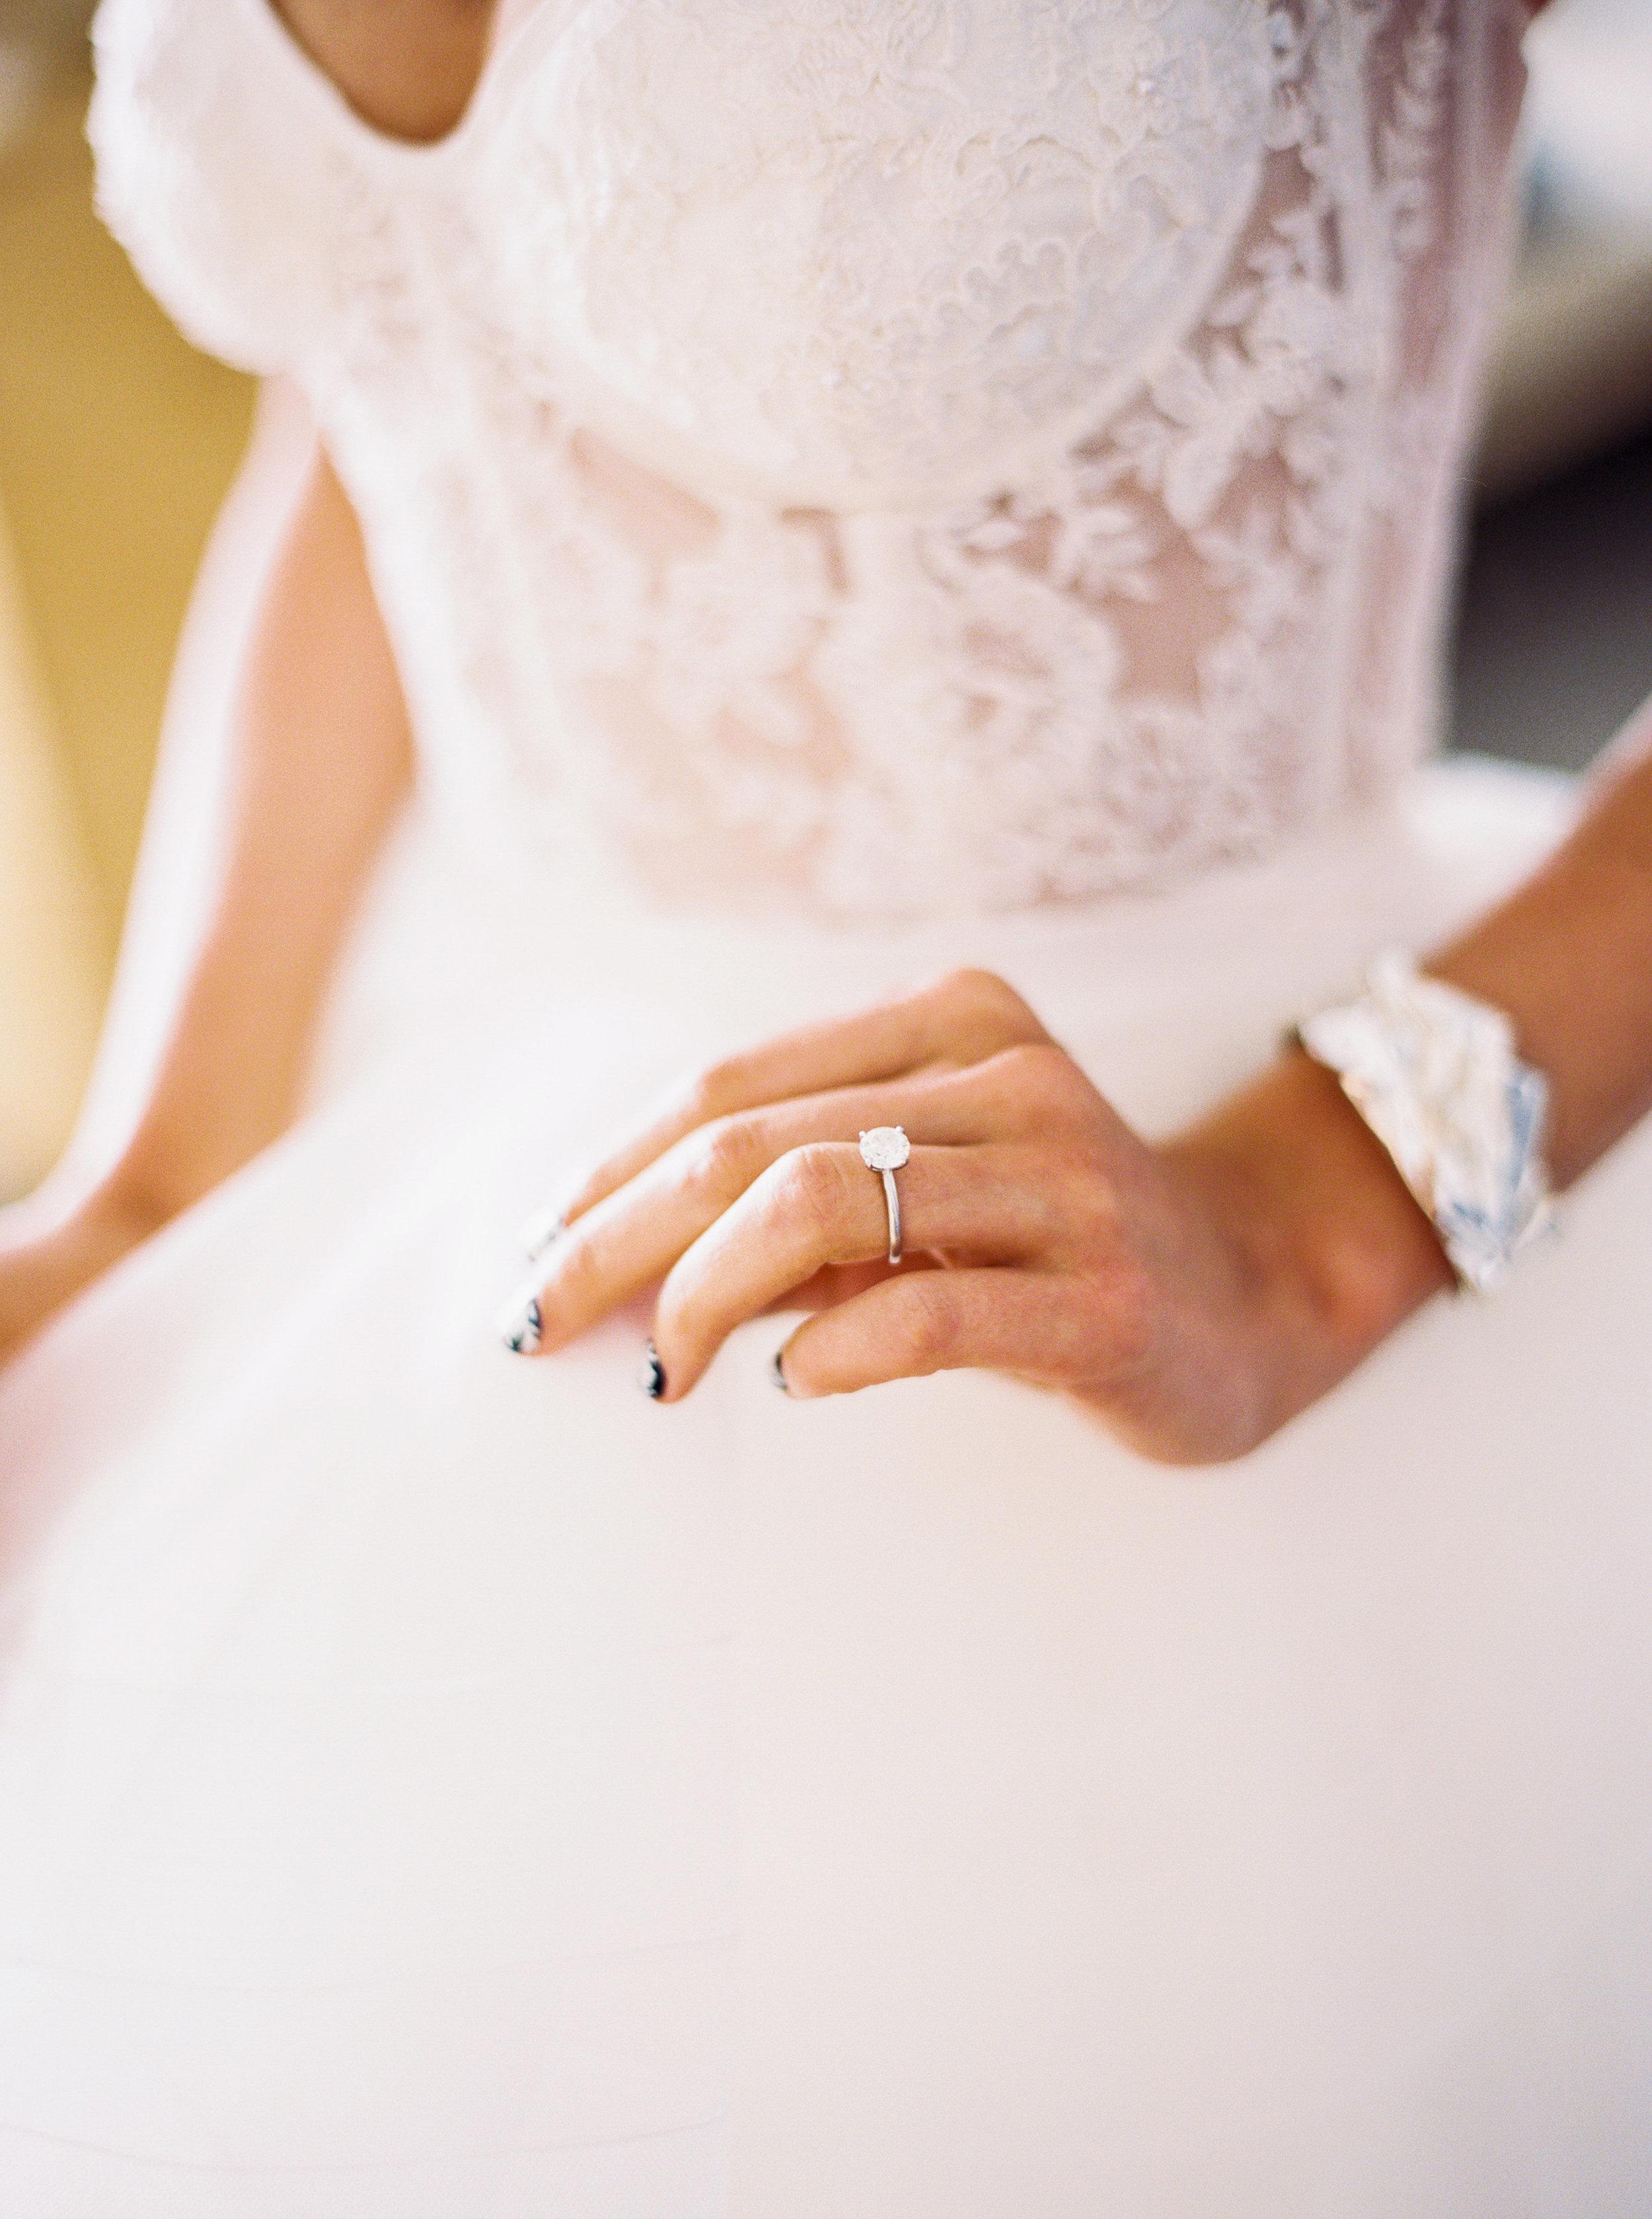 Phillip-Kari-Wedding-ROQUE-Events-Finch-Photo103.jpg